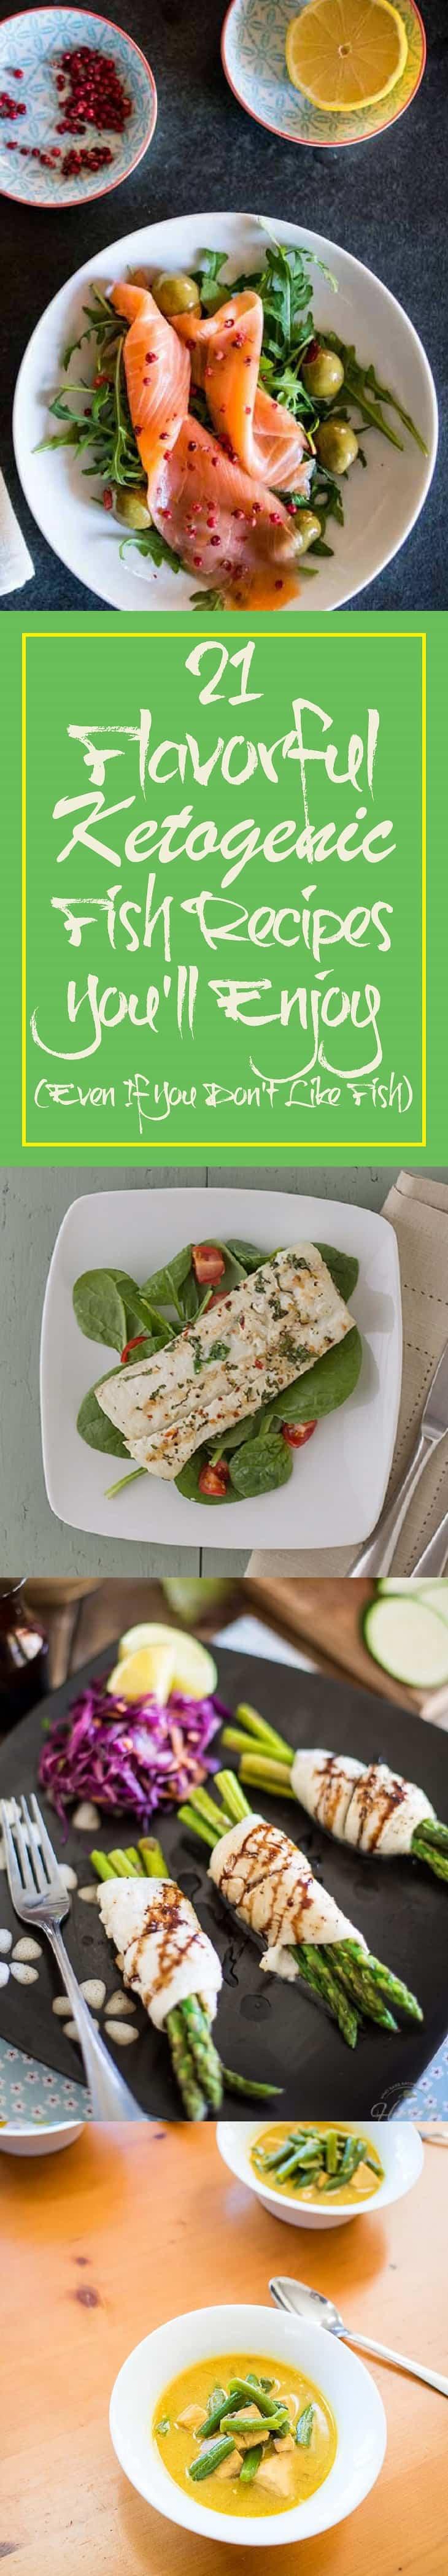 Ketogenic Fish Recipes https://ketosummit.com/ketogenic-fish-recipes/